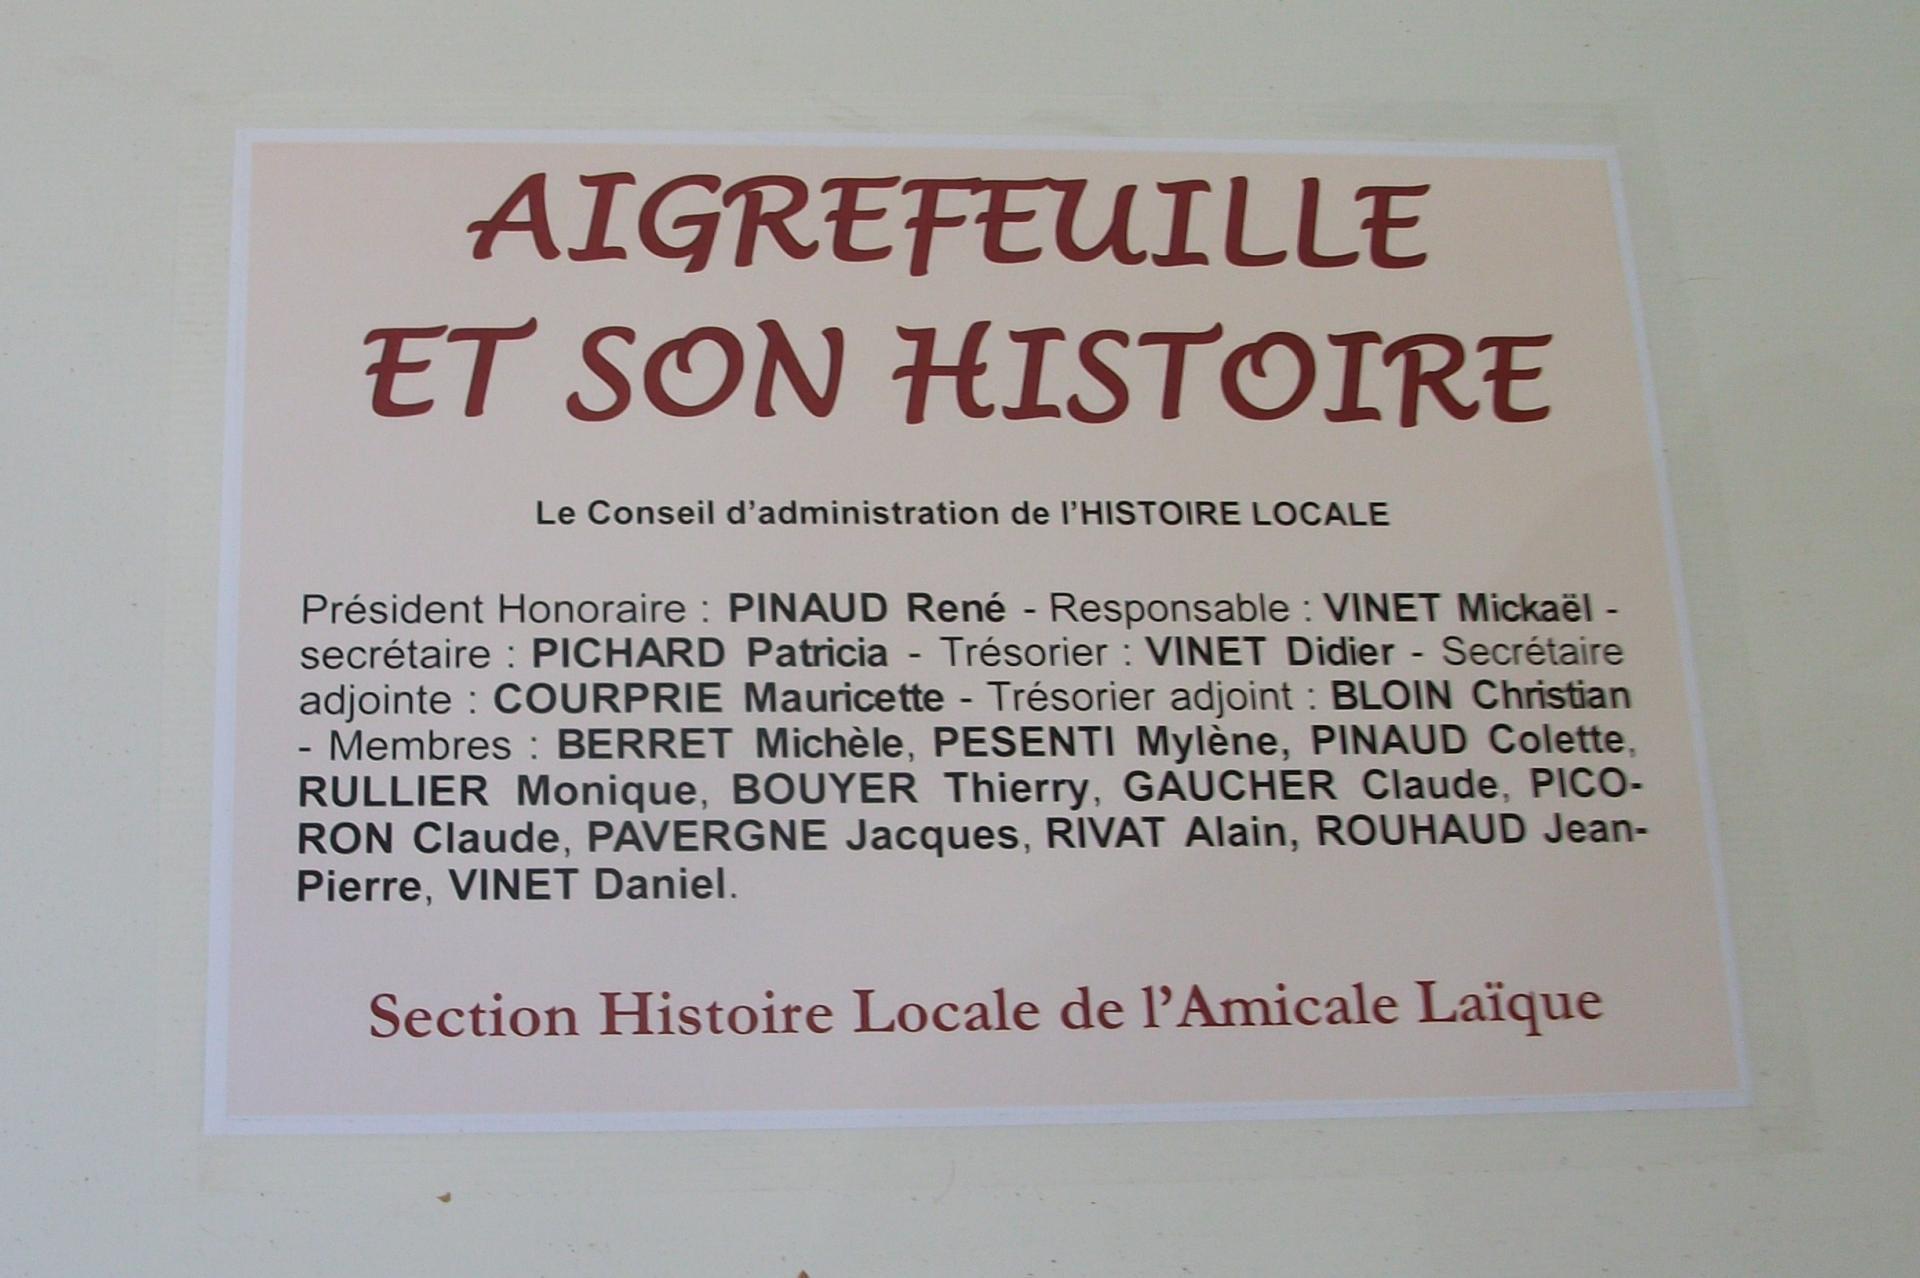 1 aigrefeuille et son histoire imgp0087